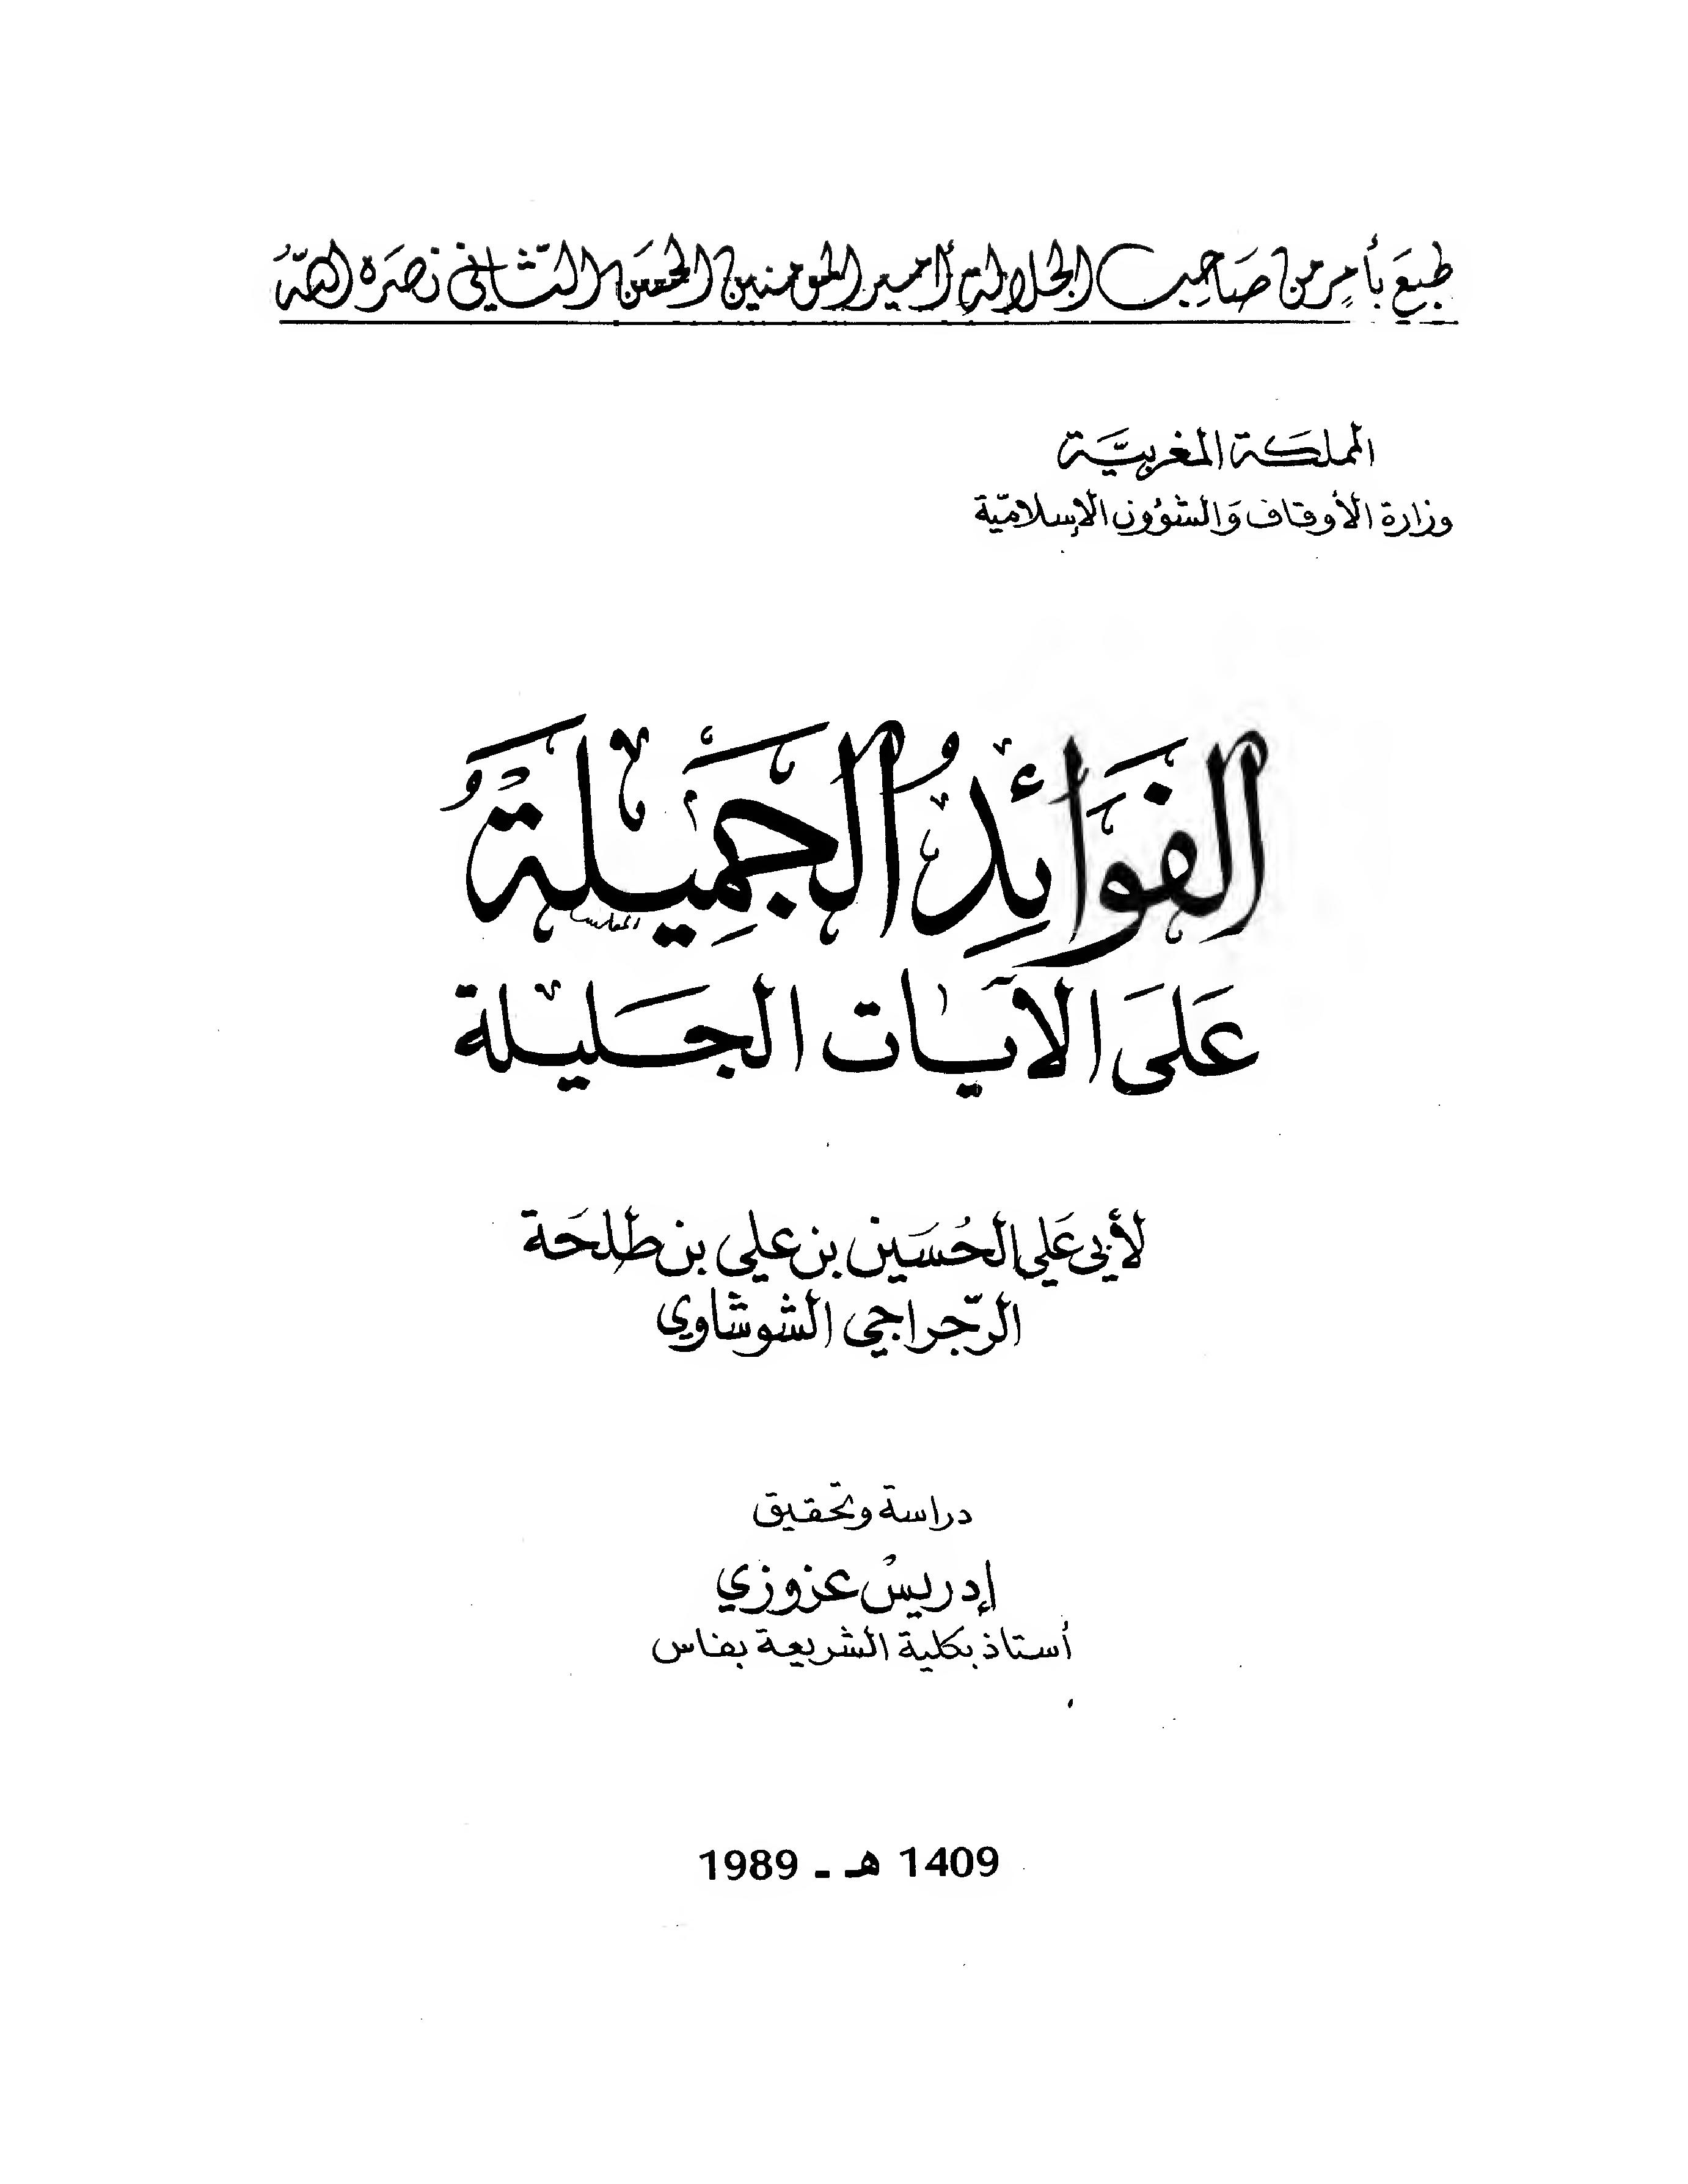 تحميل كتاب الفوائد الجميلة على الآيات الجليلة لـِ: الإمام أبو علي الحسين بن علي بن طلحة الرجراجي الشوشاوي (ت 899)